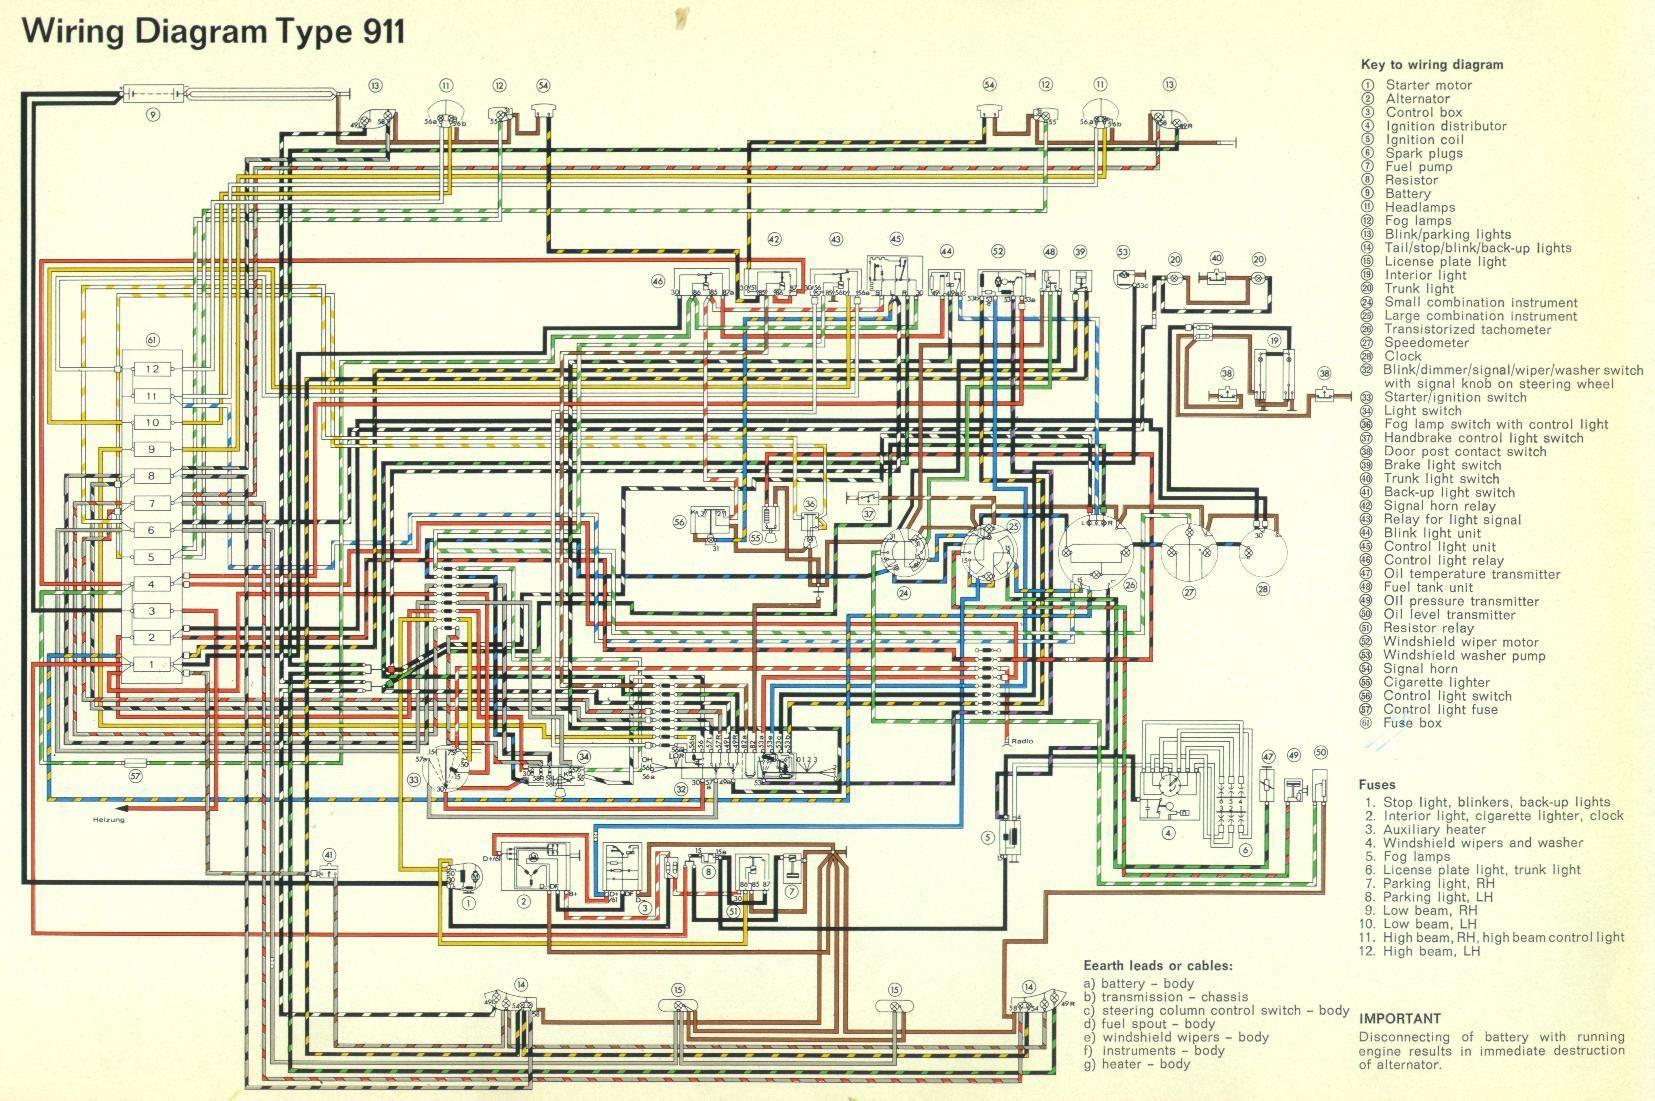 2001 Olds Alero Power Window Switch Wiring Diagram